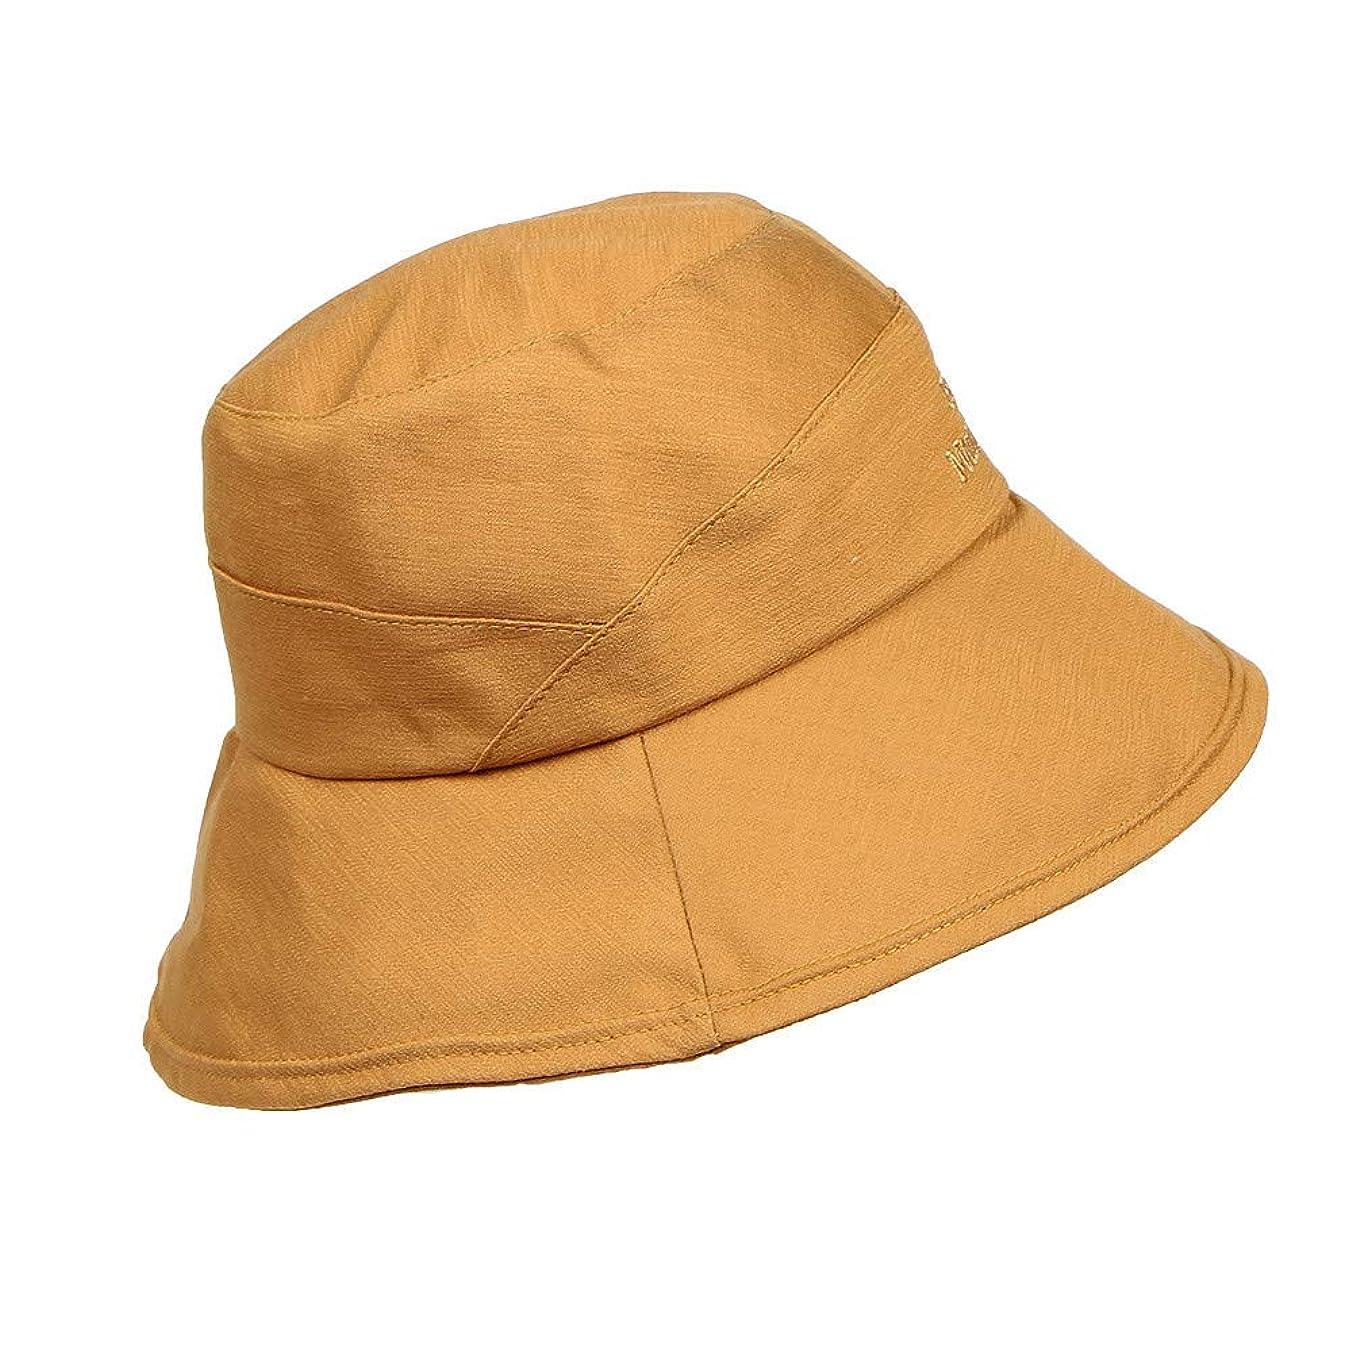 あいさつ細い全能帽子 レディース 夏 女性 ファッション小物 漁師帽 ハット UVカット 帽子 日焼け防止 UV 100% カット つば広 折りたたみ 小顔効果 おしゃれ 可愛い サファリハット 紫外線 日よけ UVケア 発送 ROSE ROMAN